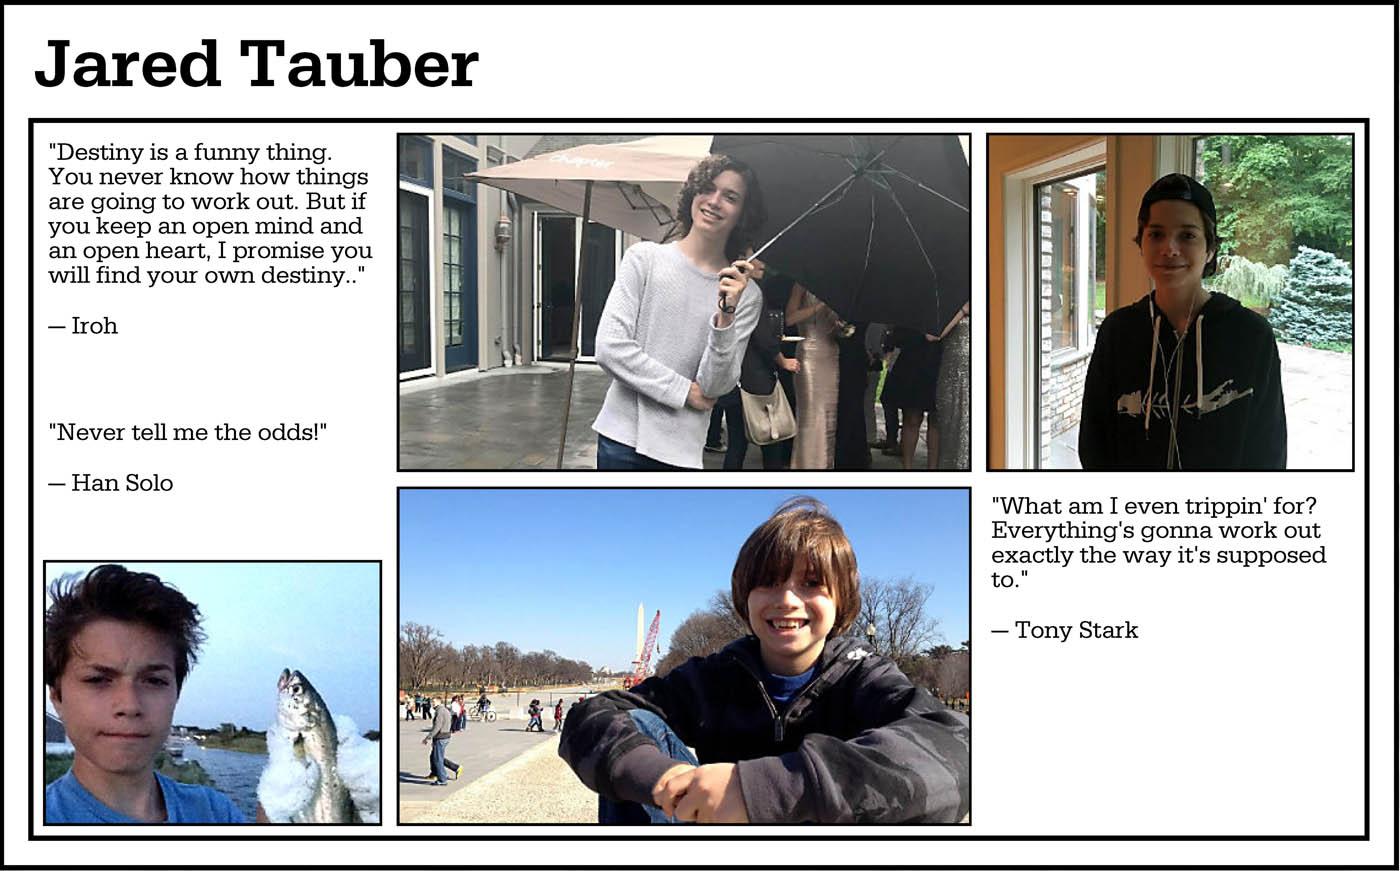 Tauber, Jared